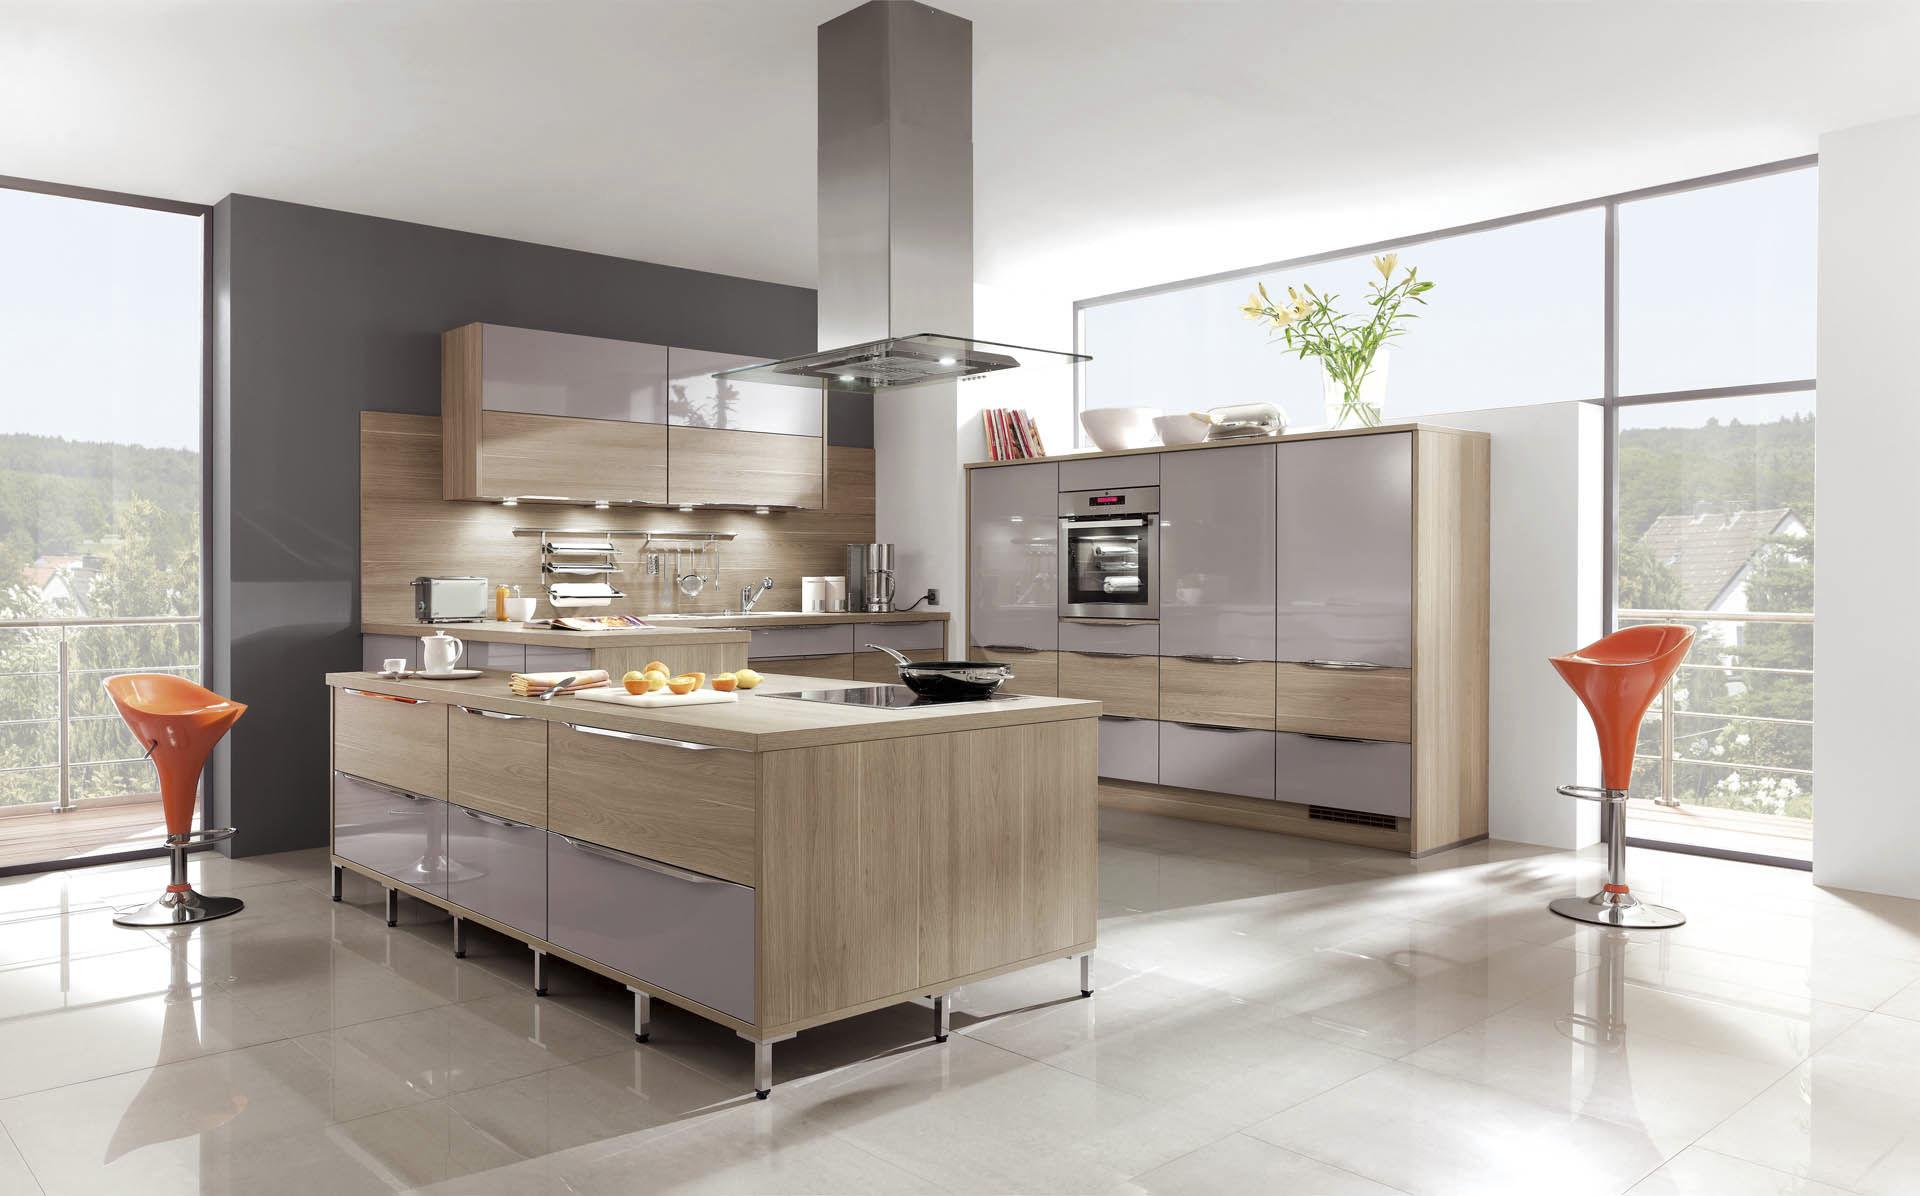 Moderne Küche / Holzfurnier / Kochinsel / mit Griffen ...